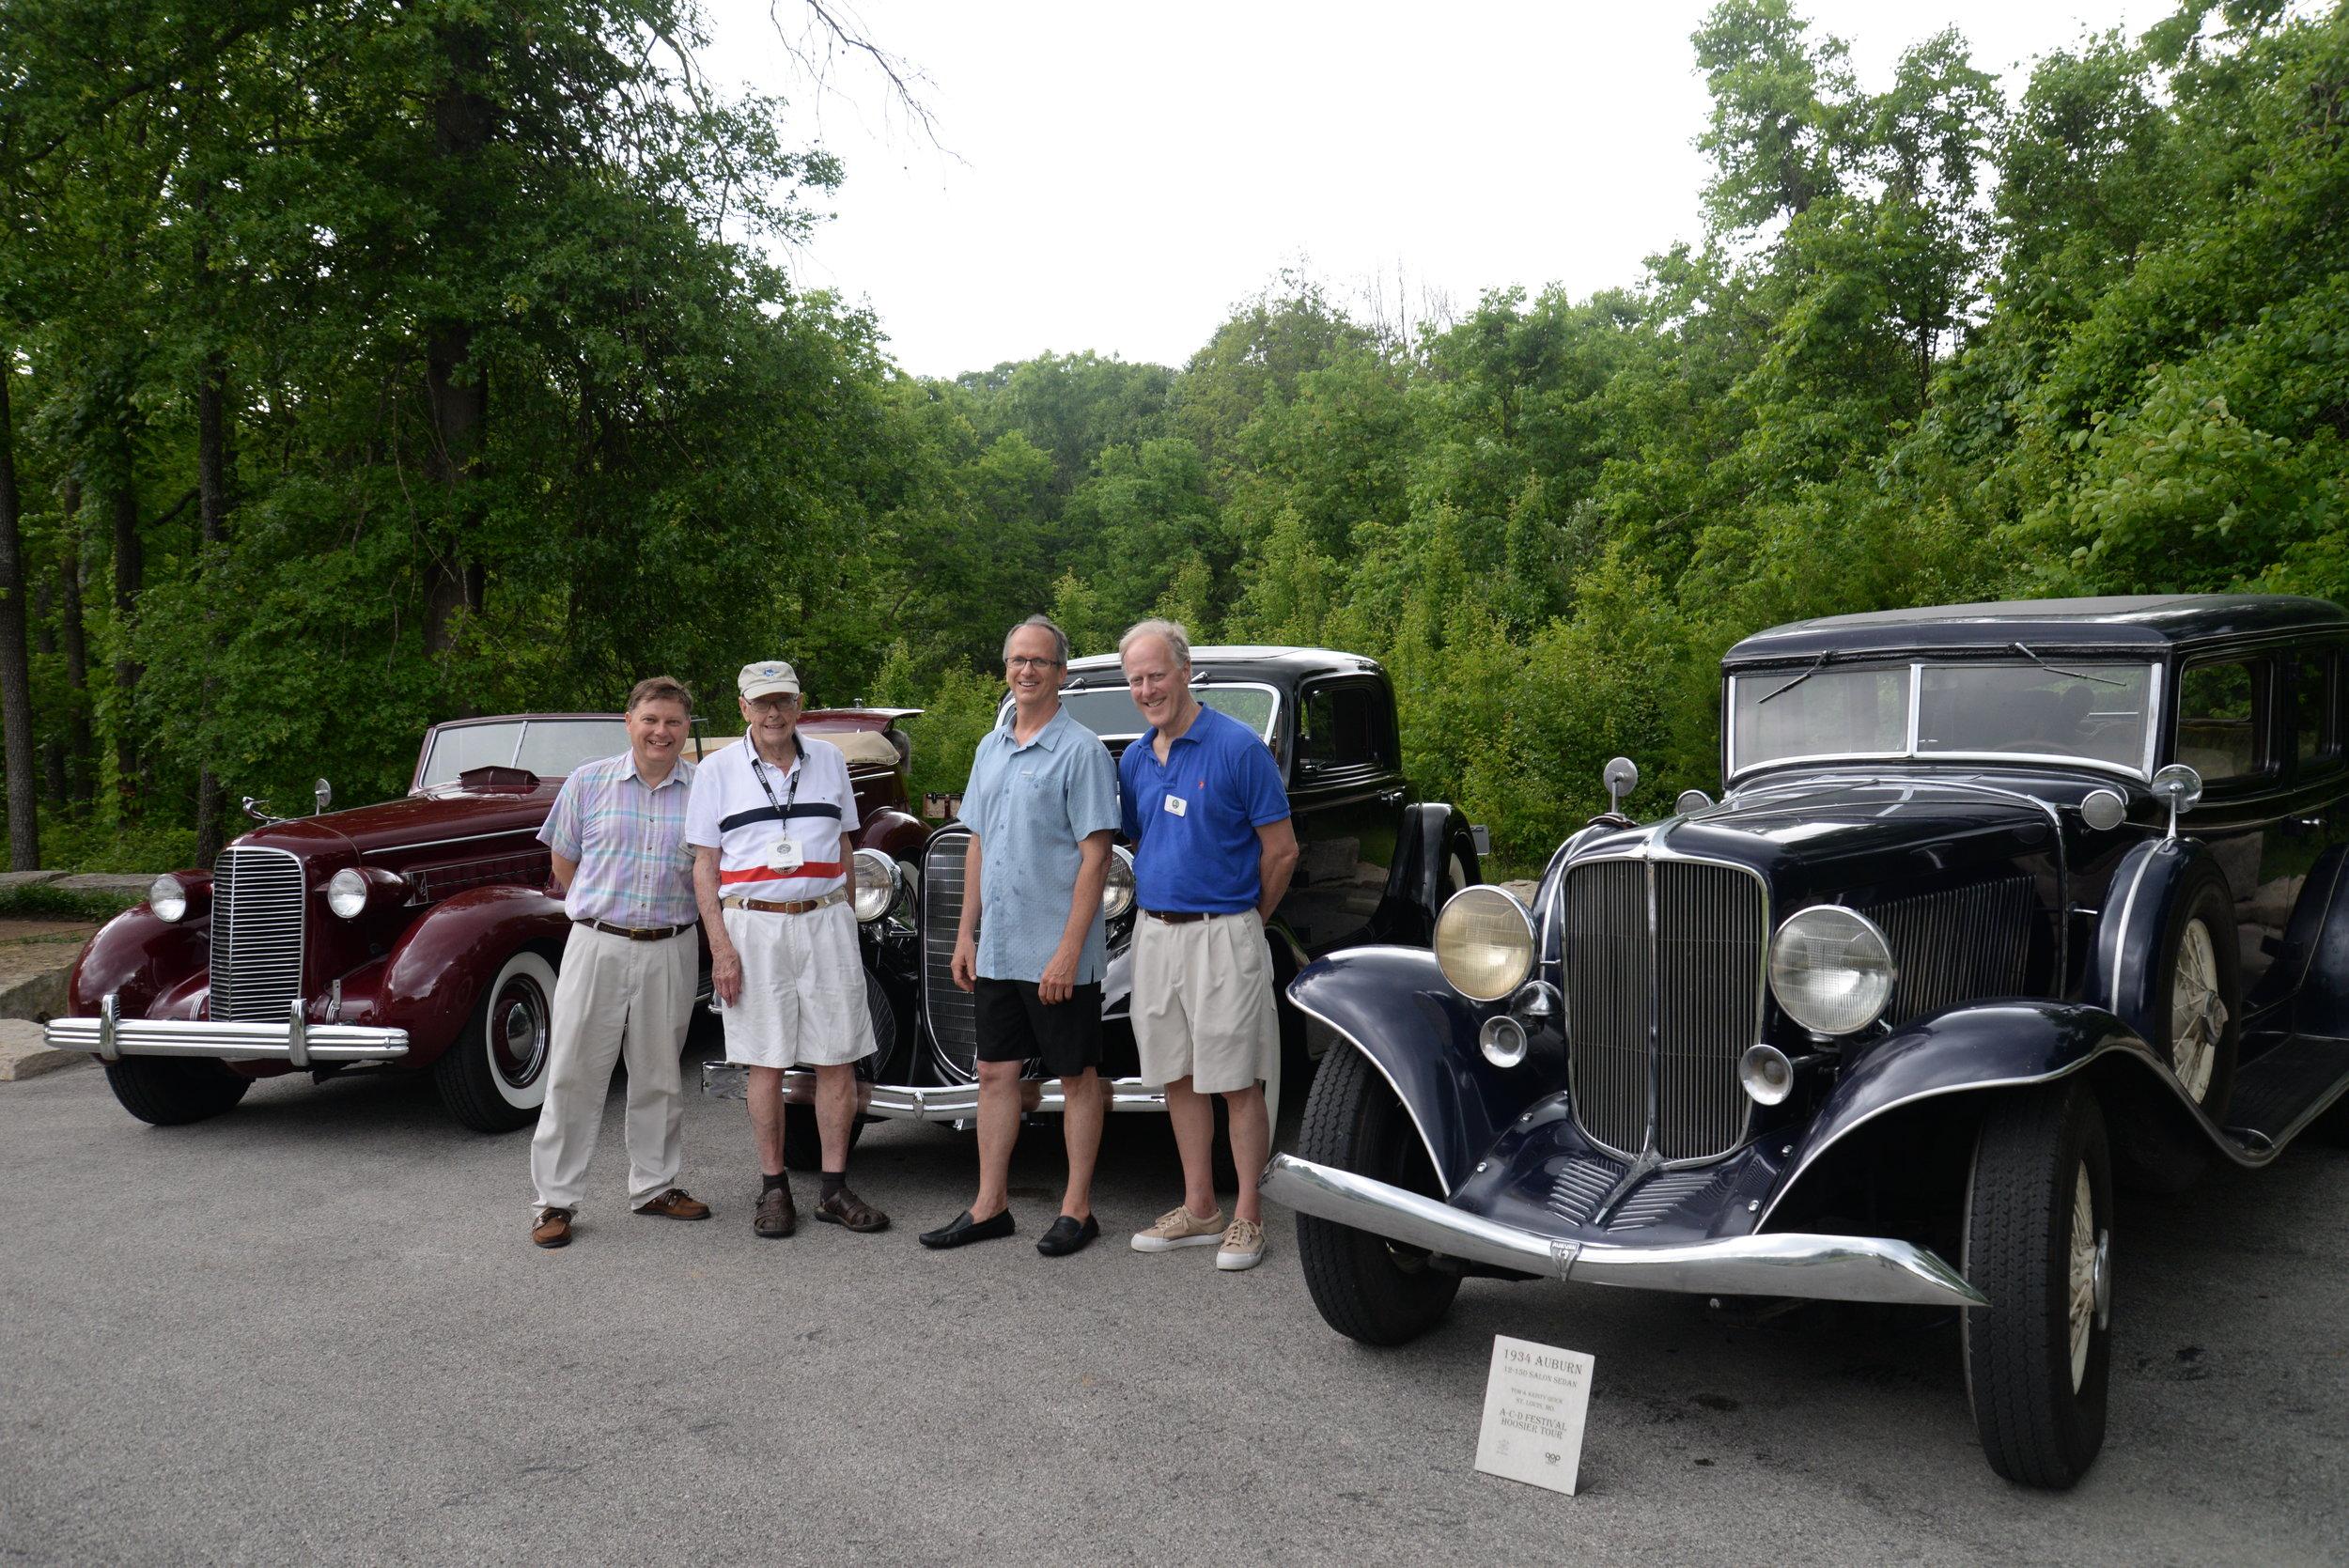 Spirit Region members, l-r Todd Tobiasz, Bob Radel, Bill Mehard and John Lowell